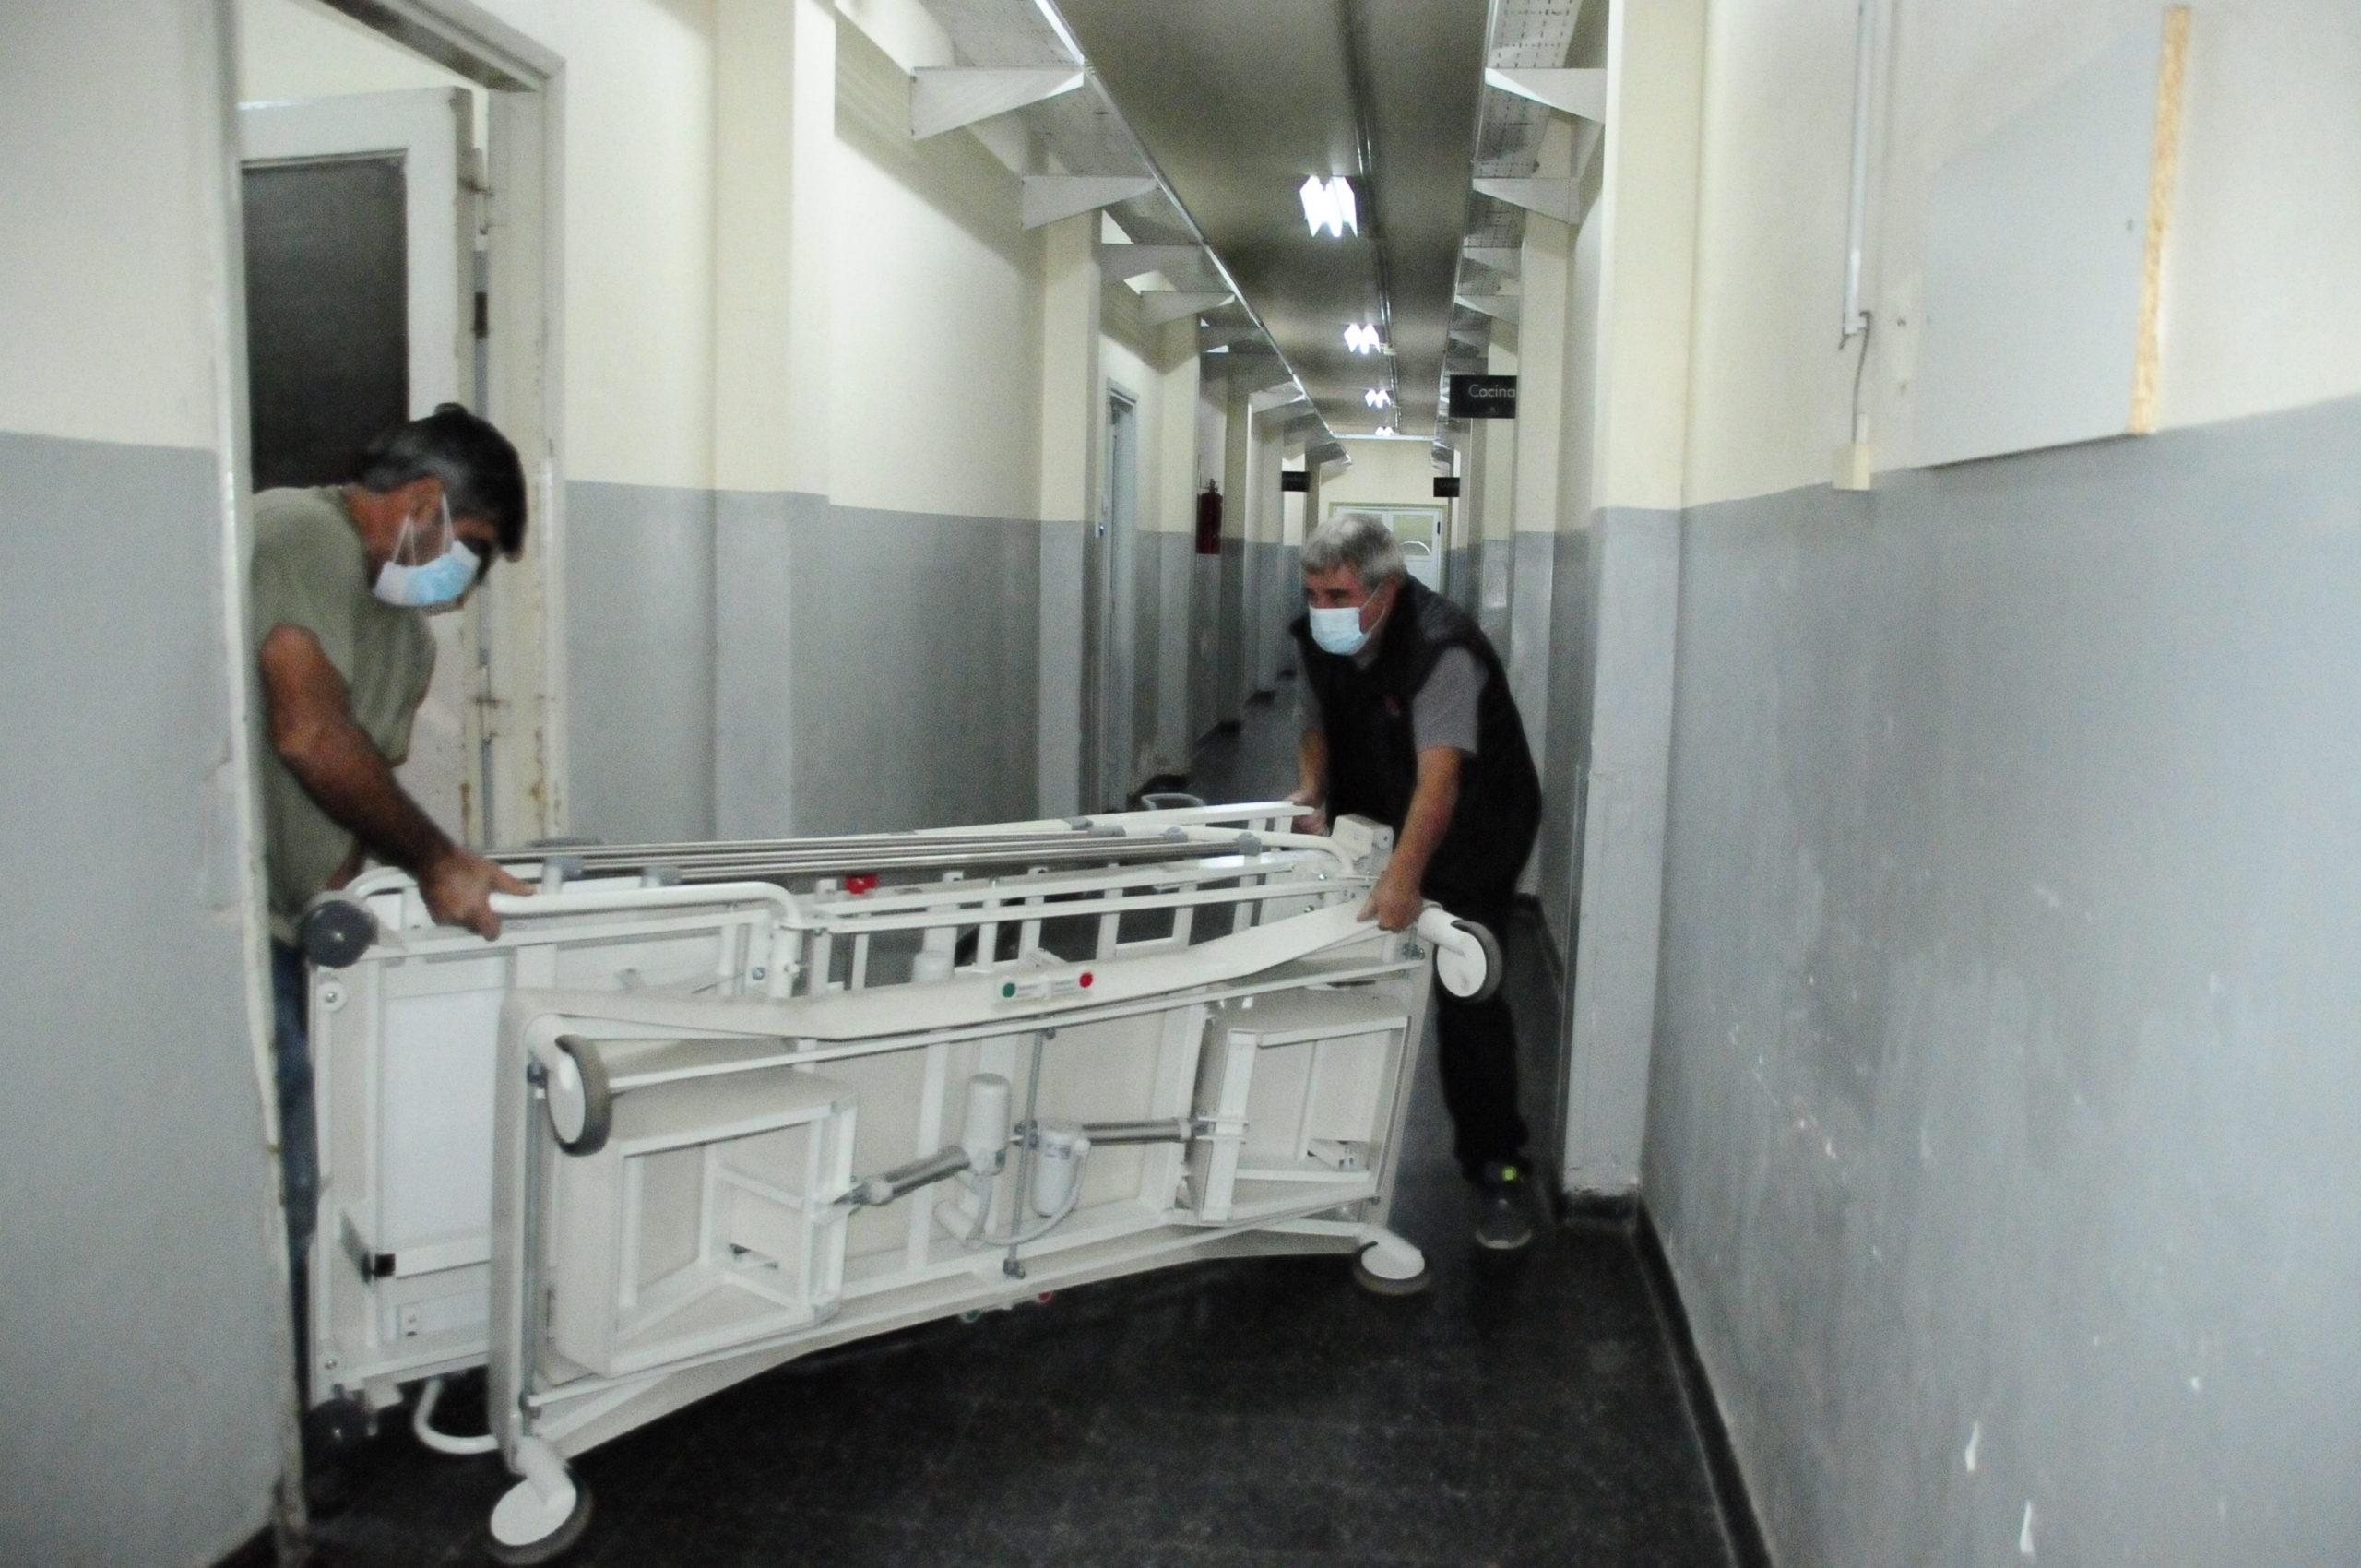 COVID-19: Hoy hubo 4 fallecimientos en La Pampa, 3 de ellos en General Pico y la ocupación de camas de terapia intensiva es del 74% en la Provincia